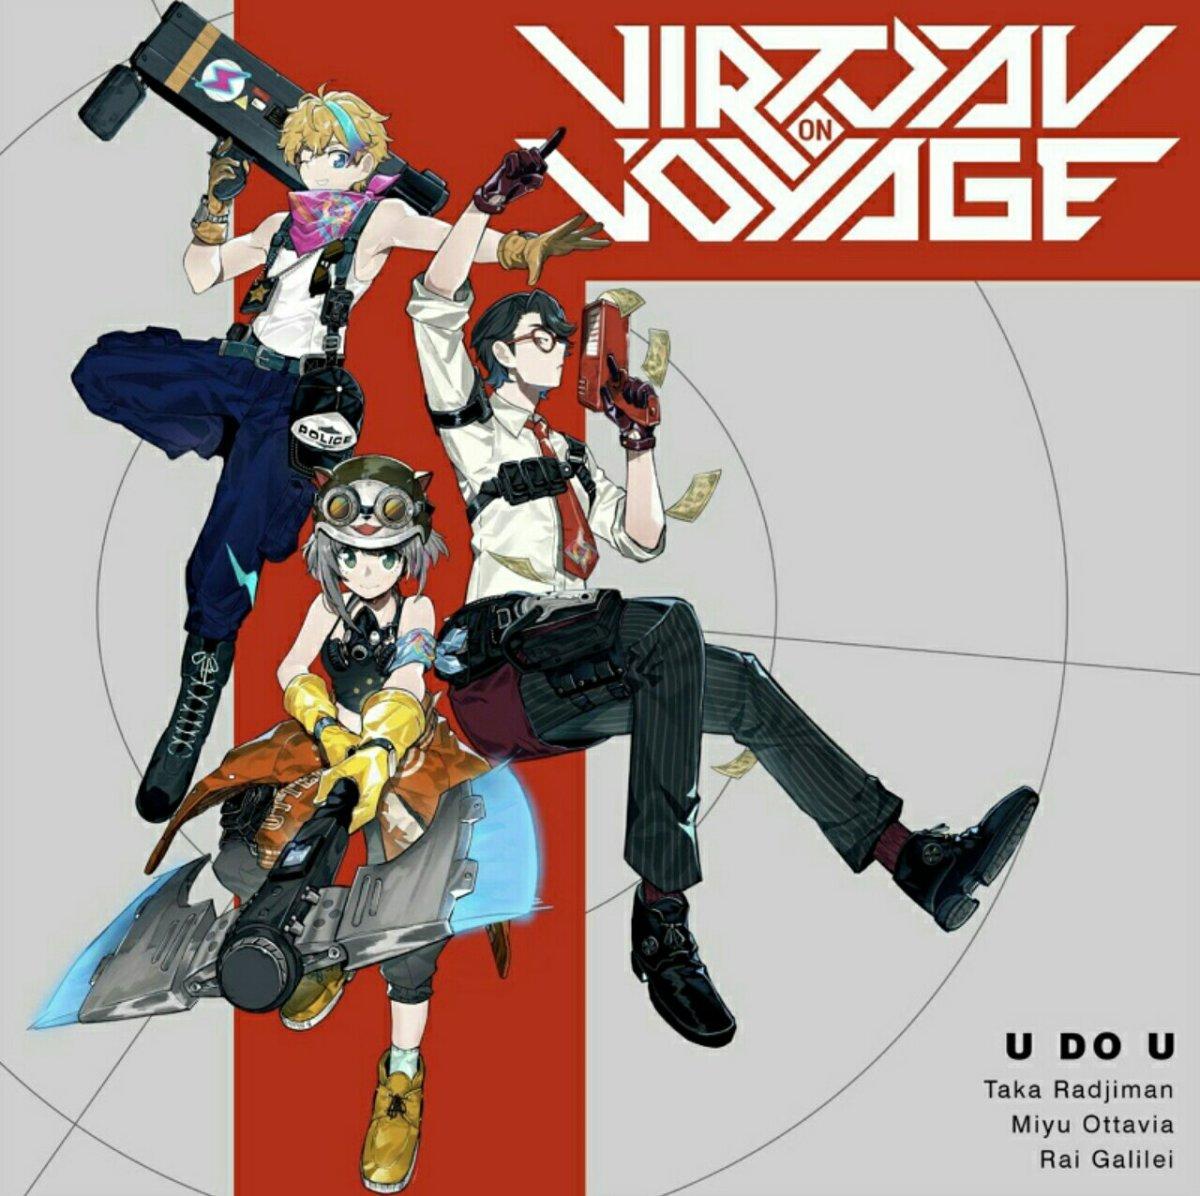 """NIJISANJI ID Merilis Tiga Lagu Baru dalam Proyek """"Virtual on Voyage"""" 4"""